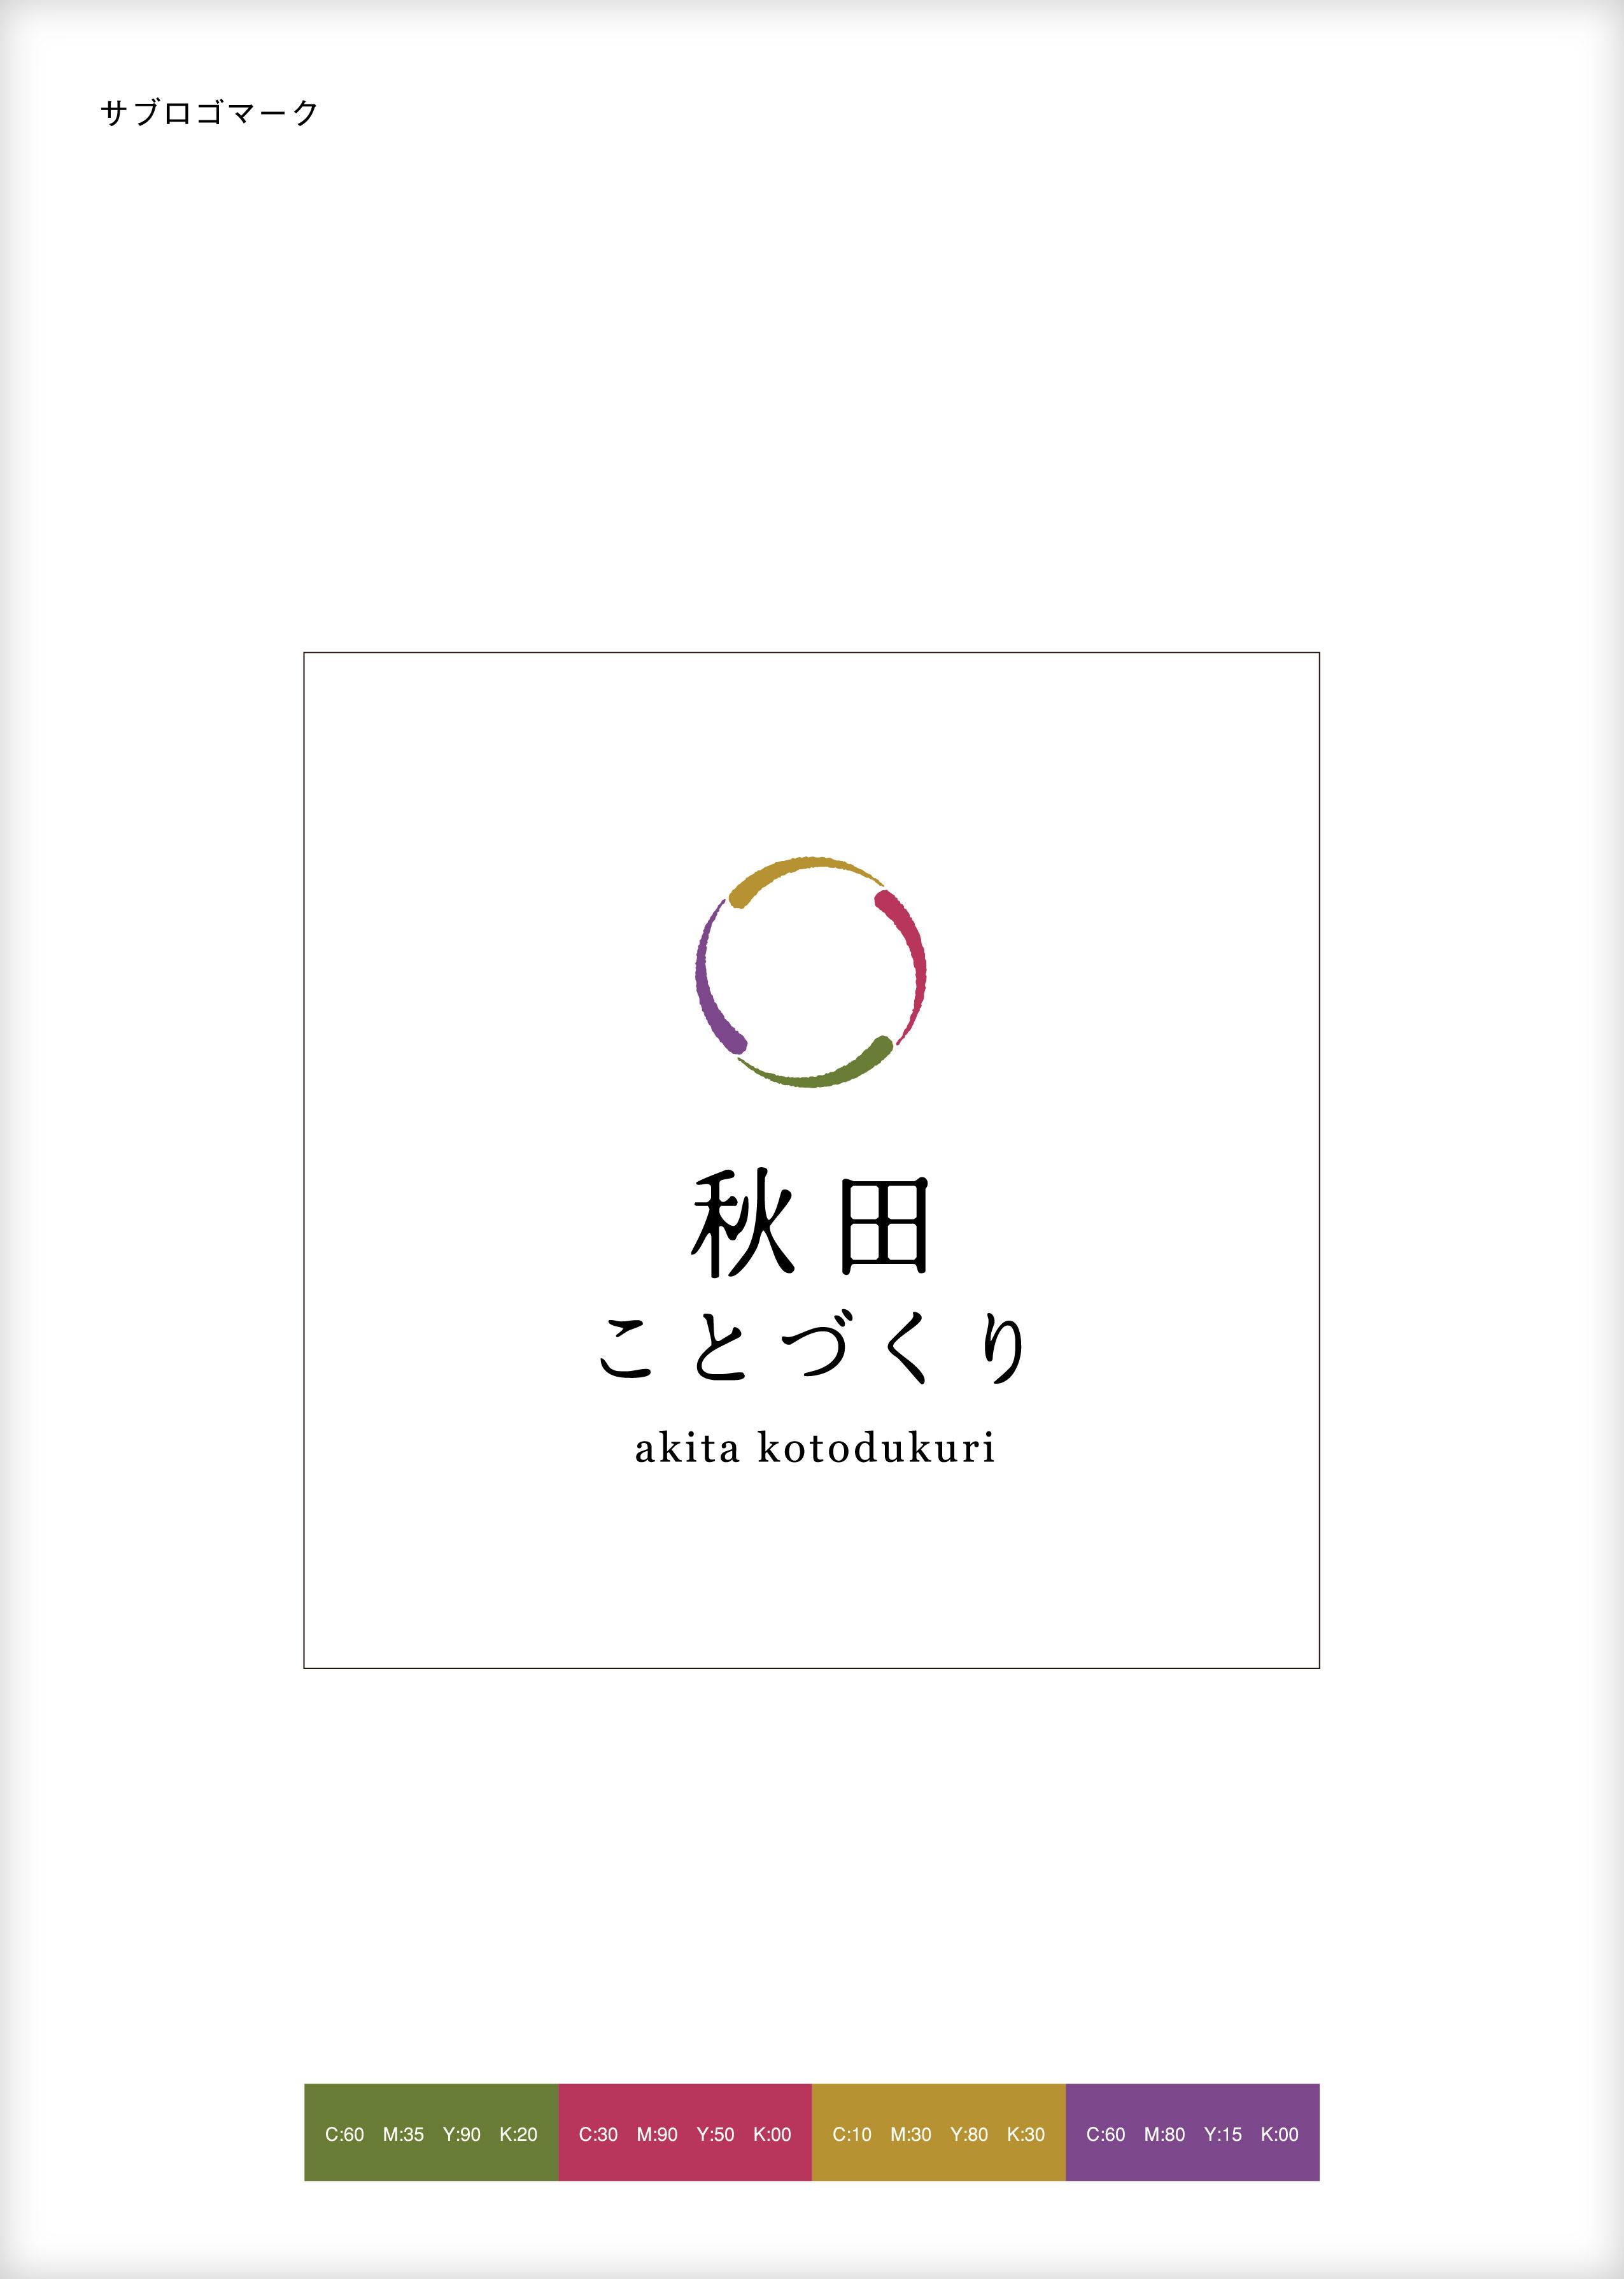 akita_kotodukuri03